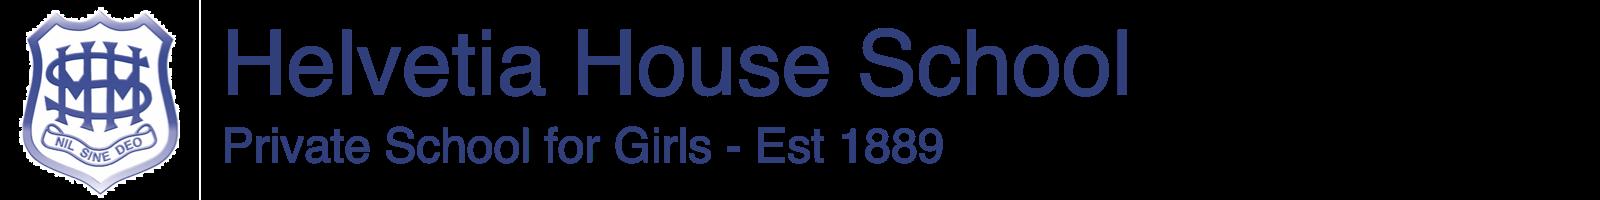 Helvetia House School